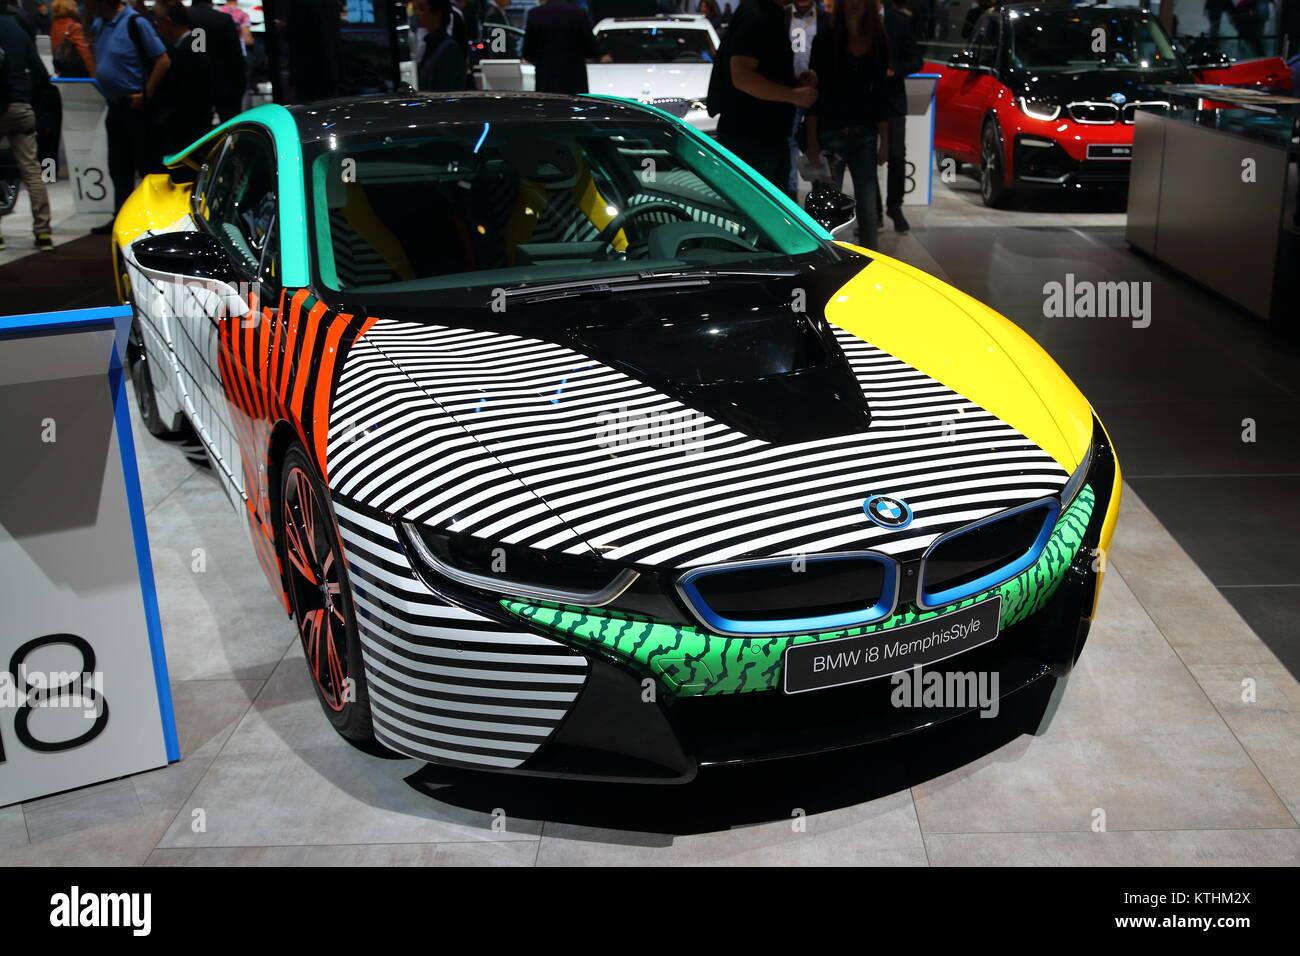 Bmw I8 Sports Car Stock Photos Bmw I8 Sports Car Stock Images Alamy